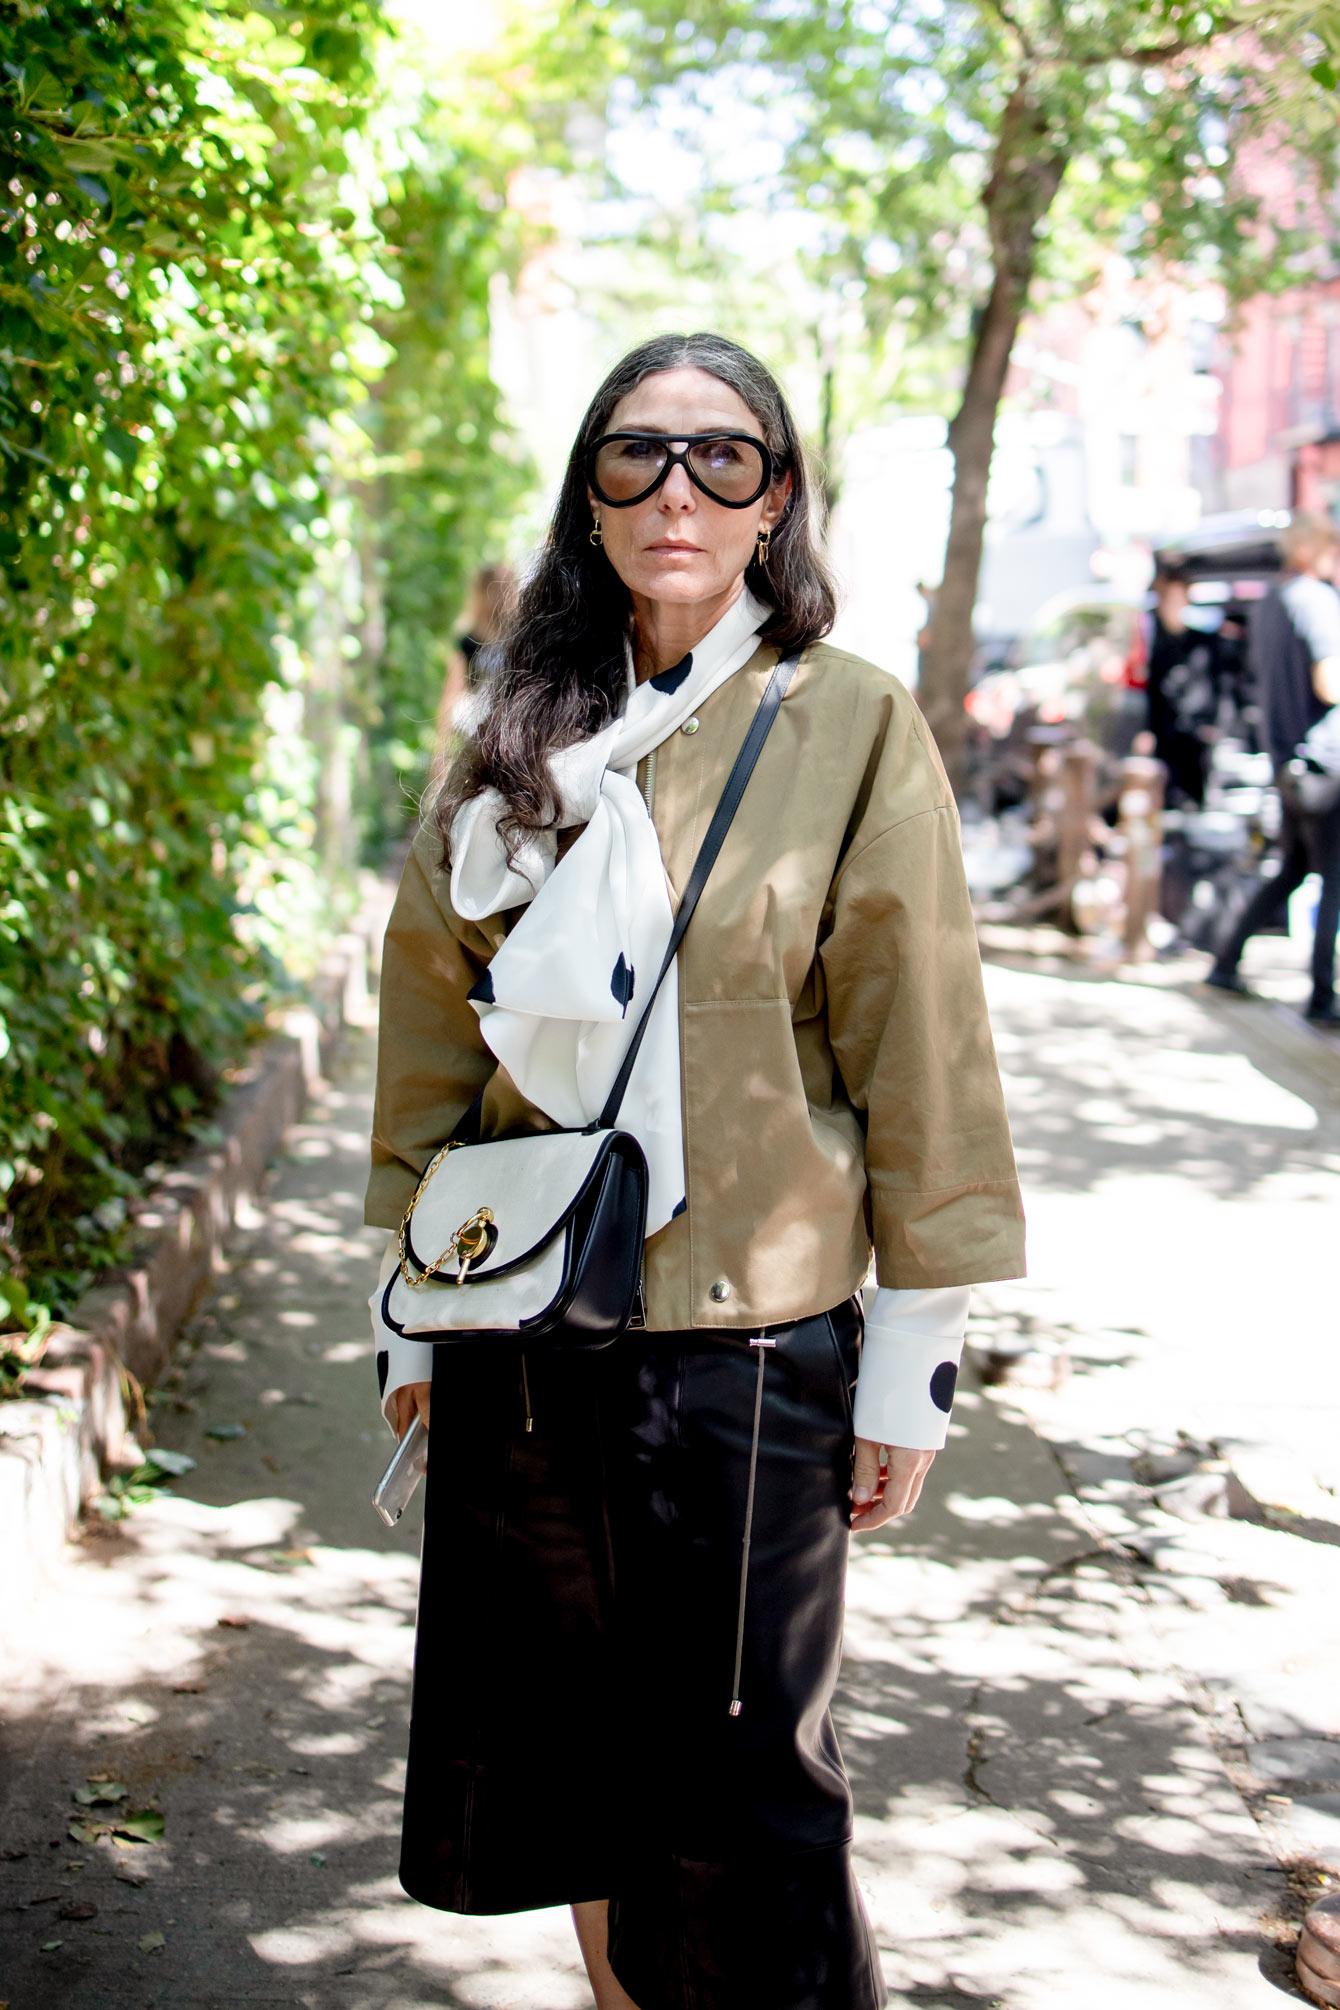 Kate Spade NYFW Street Style